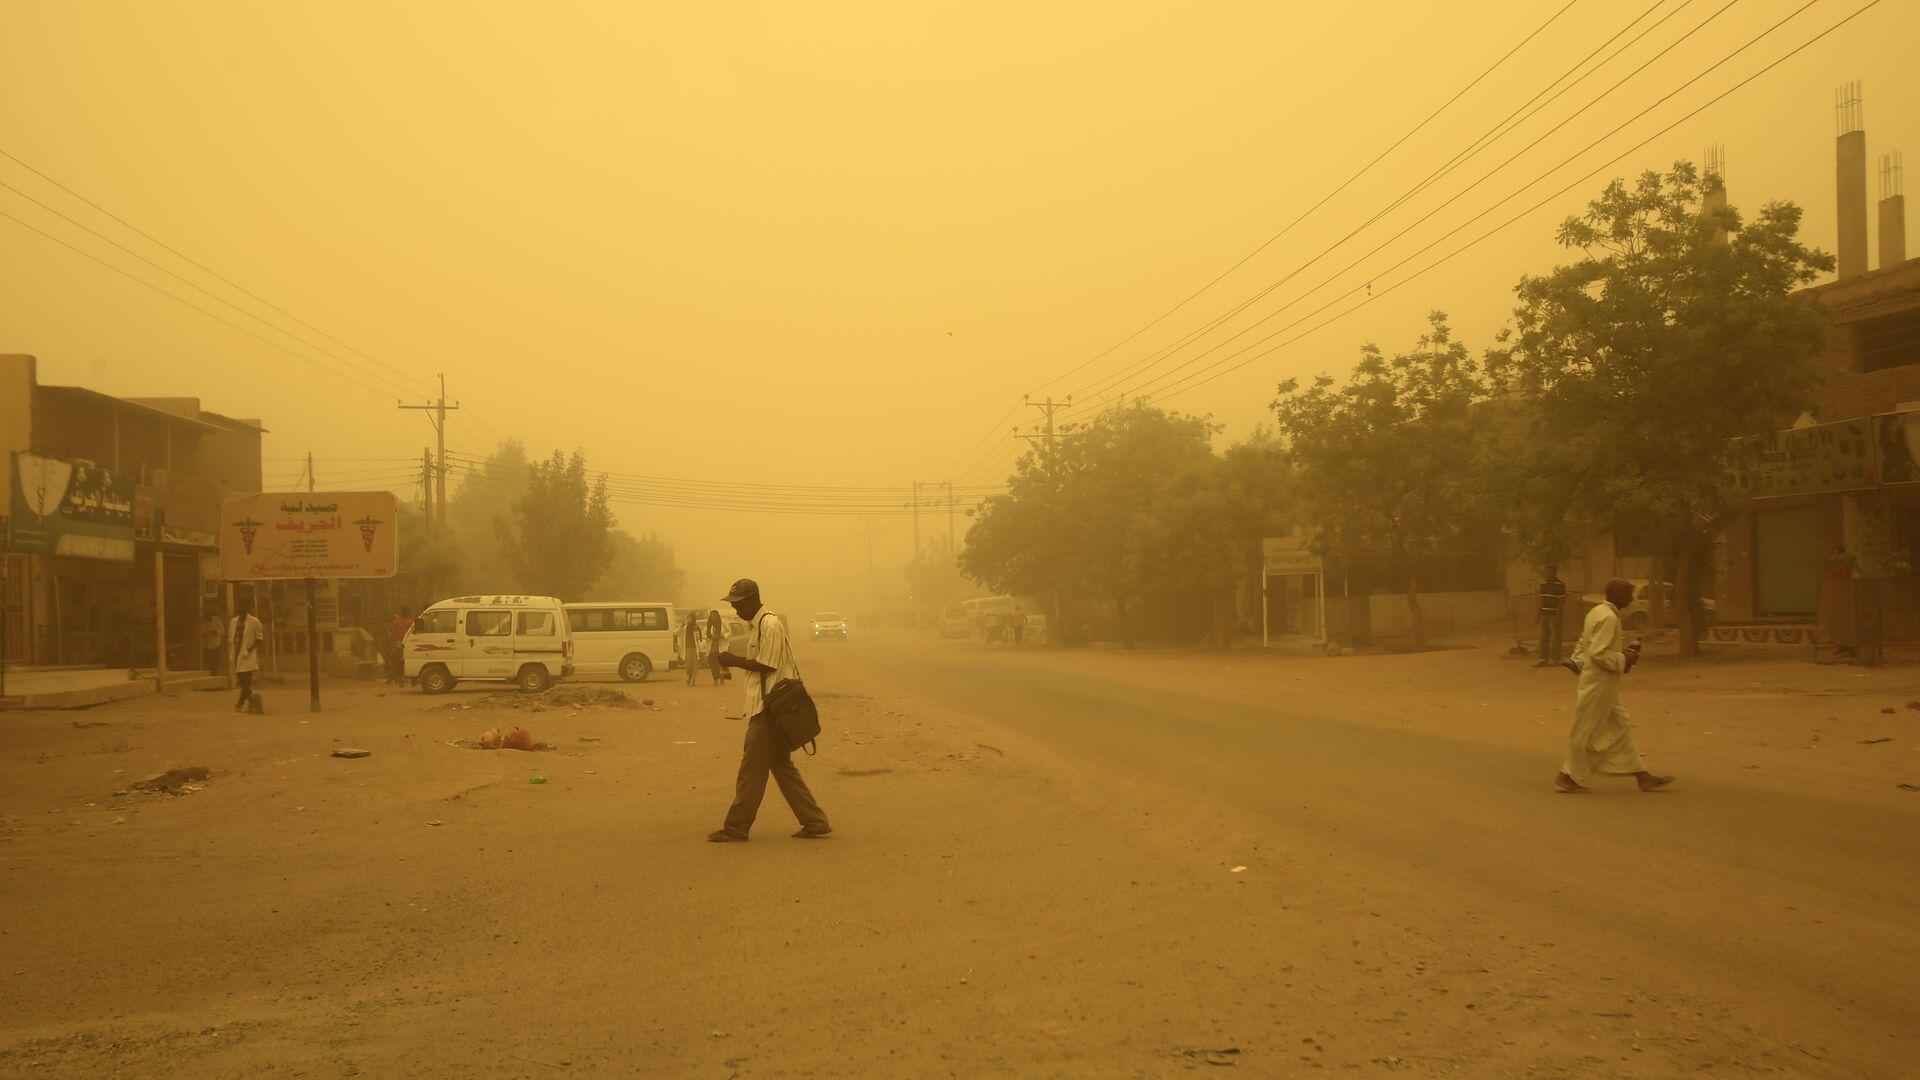 Пыльная буря, архивное фото - Sputnik Таджикистан, 1920, 13.08.2021